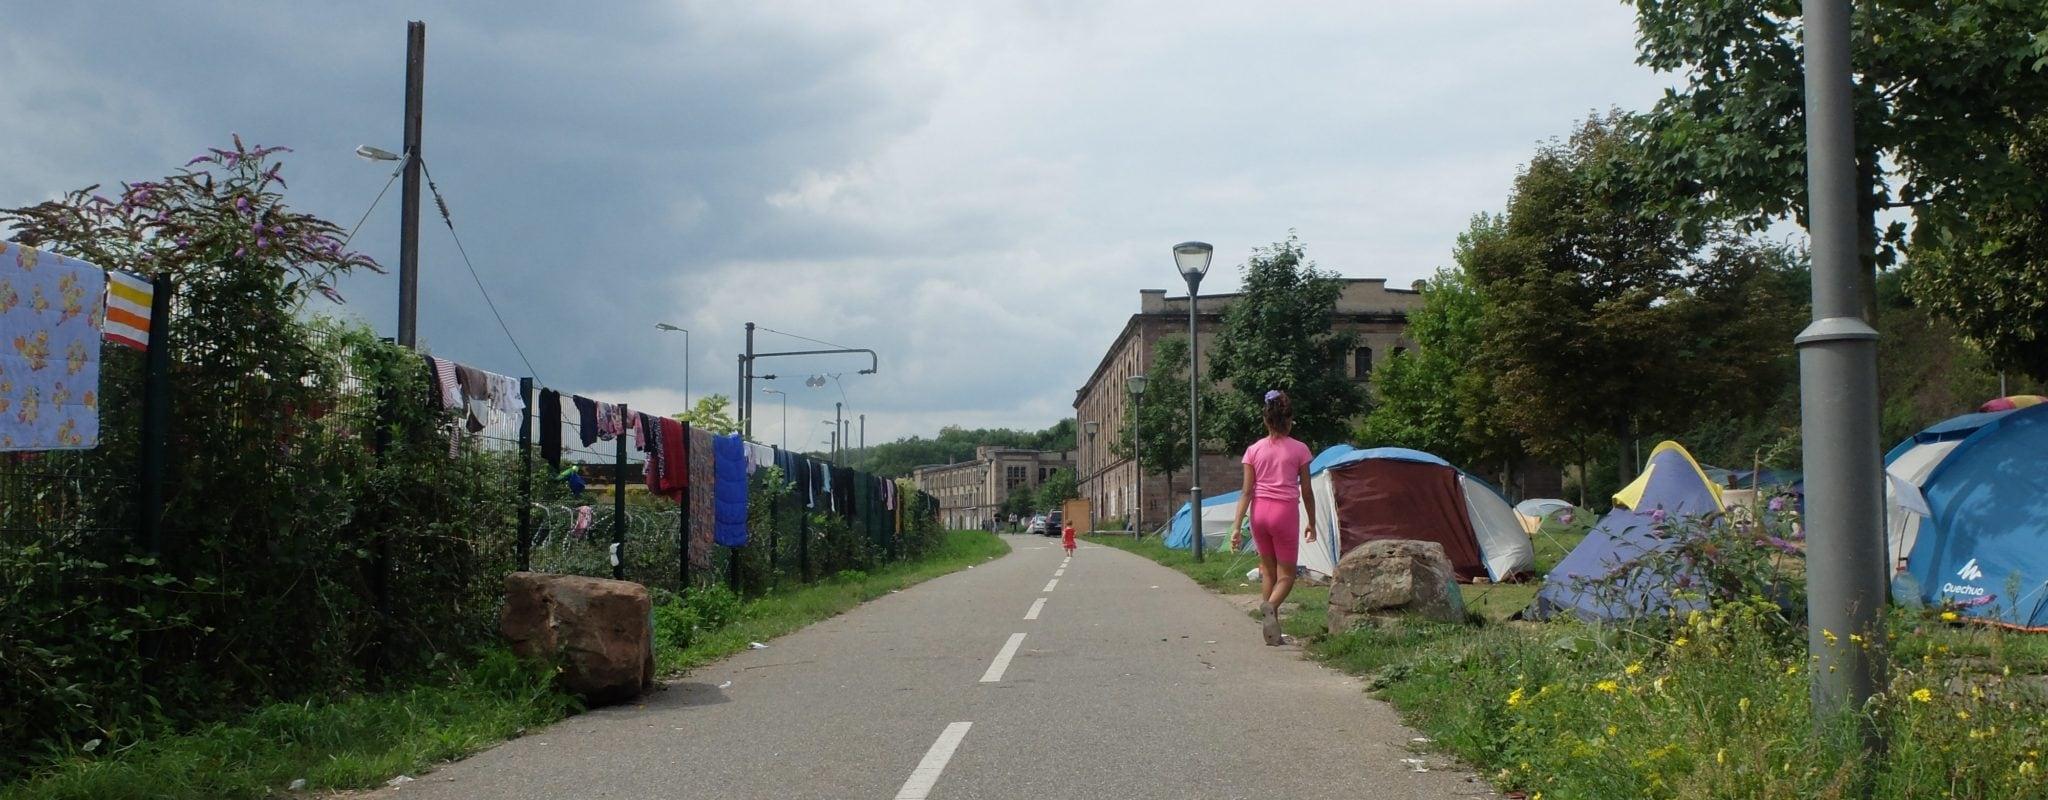 Aux Remparts, bras de fer autour de l'installation de demandeurs d'asile